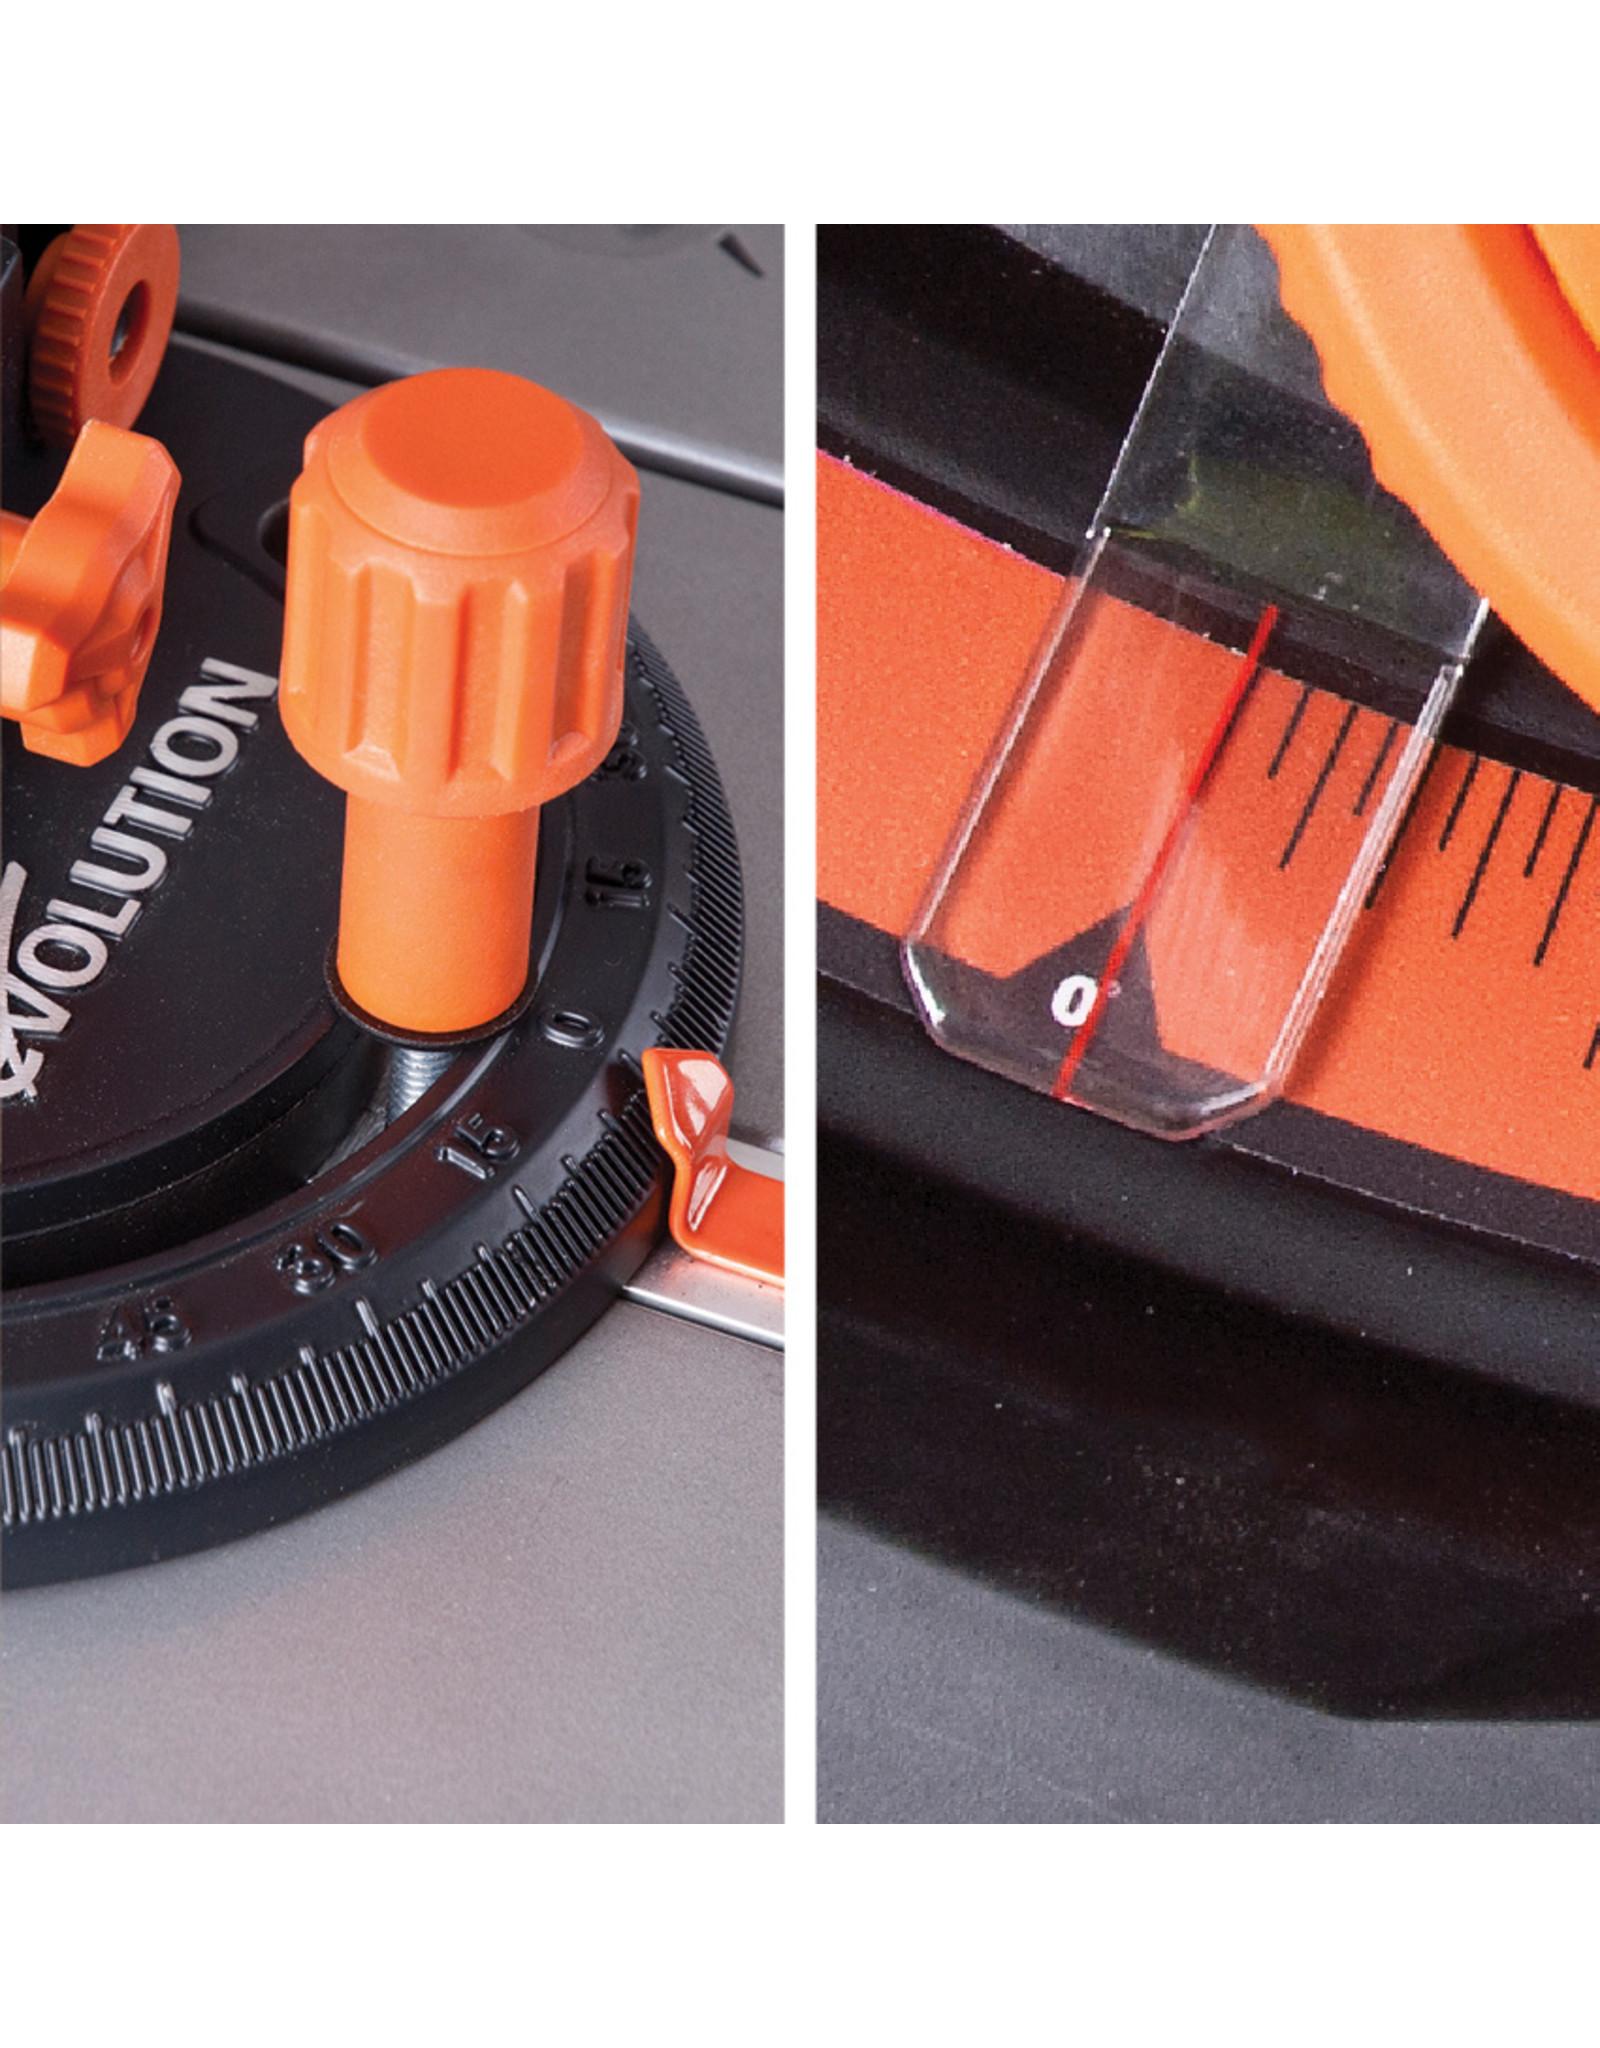 Evolution Power Tools Build Line SCIE A TABLE RAGE 5-S + 1 LAME GRATUITE